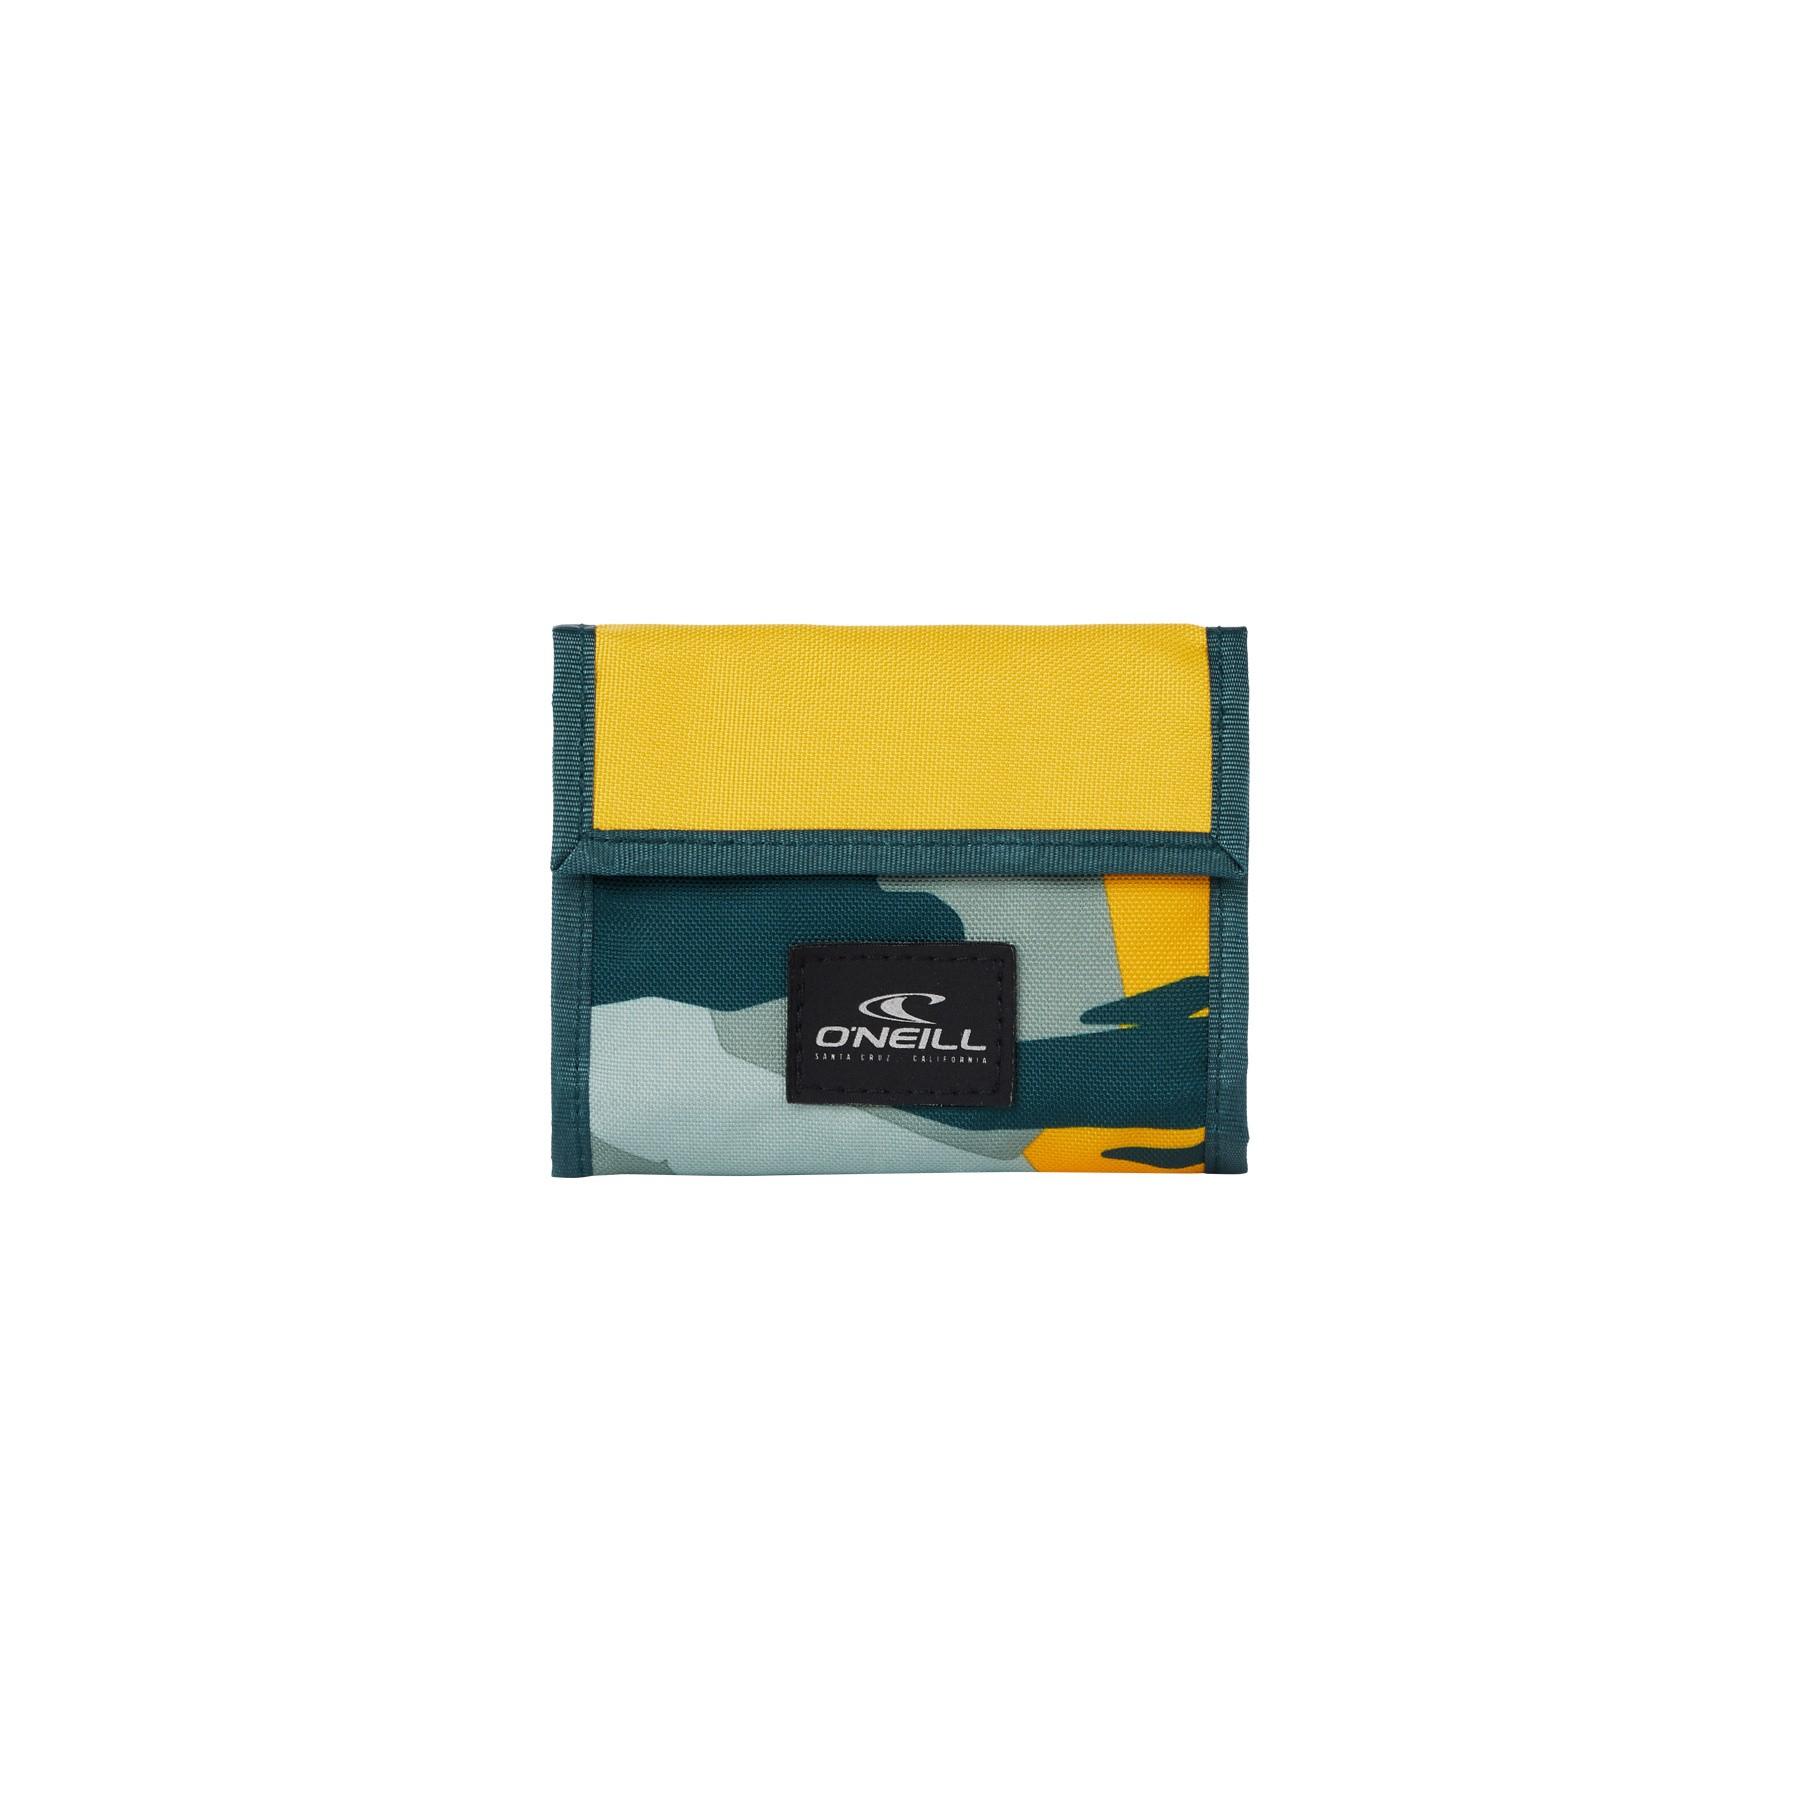 O'Neill Pocketbook Wallet 6900 Green AOP